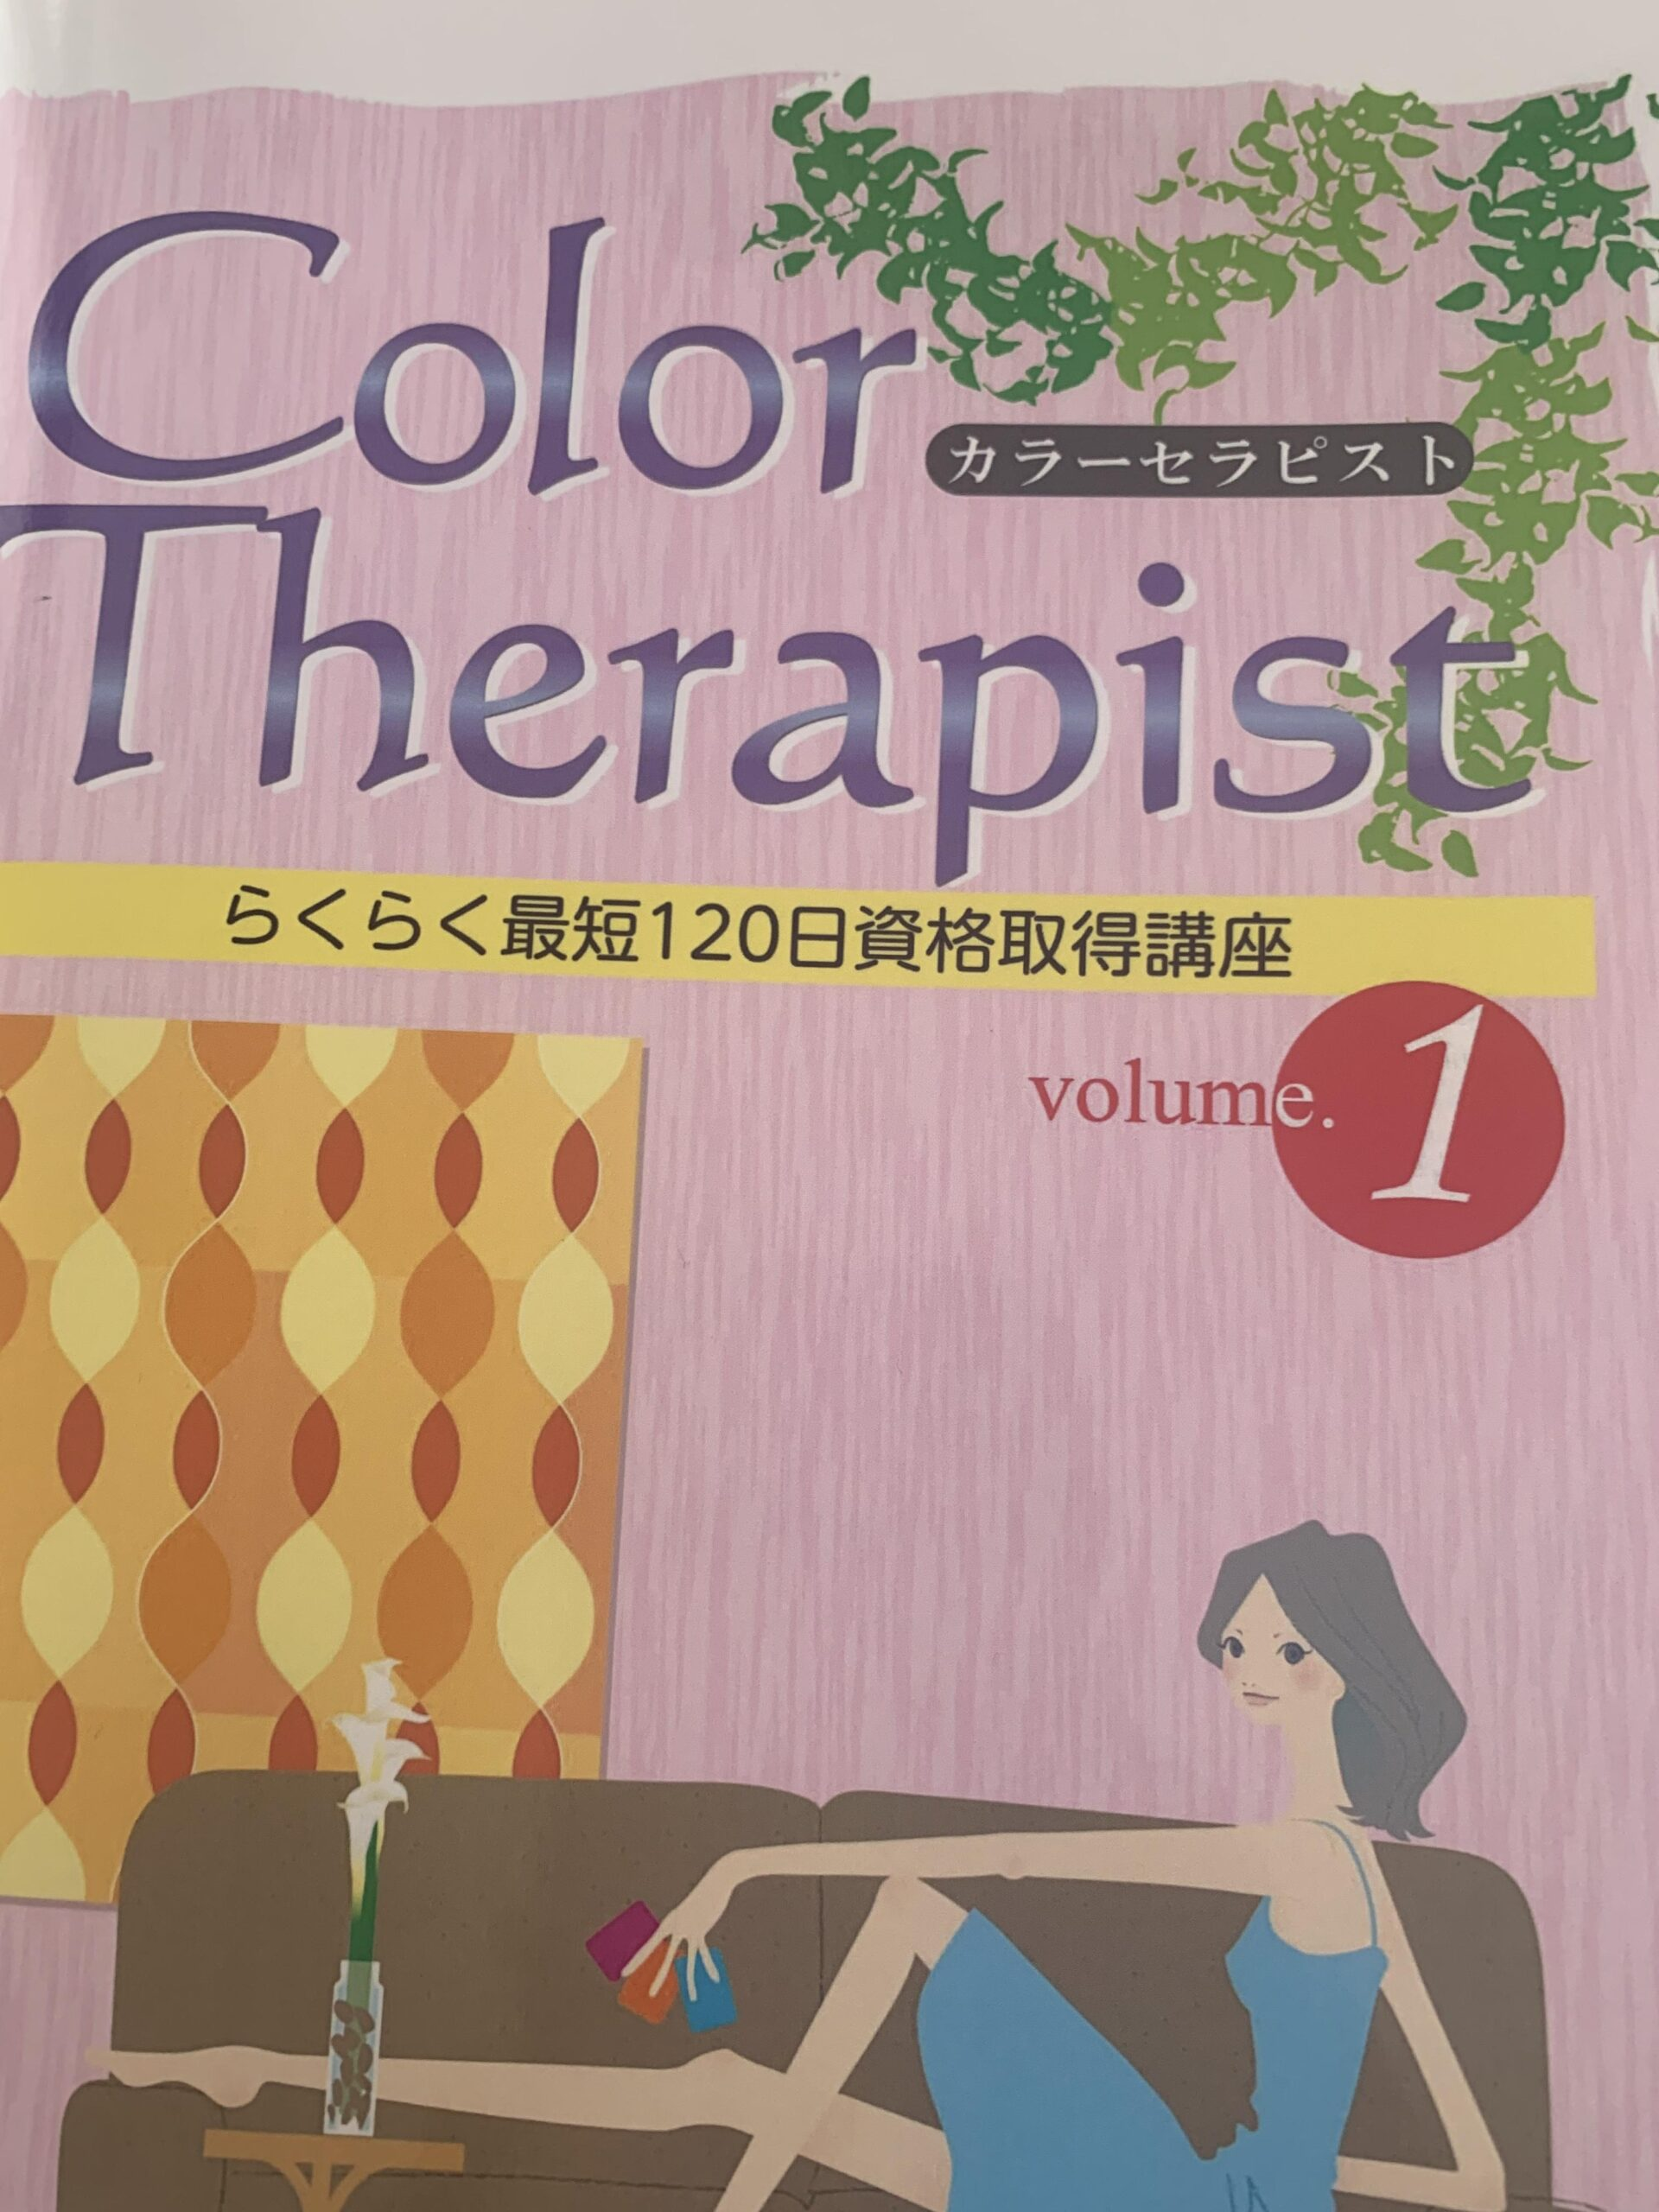 カラーセラピスト資格